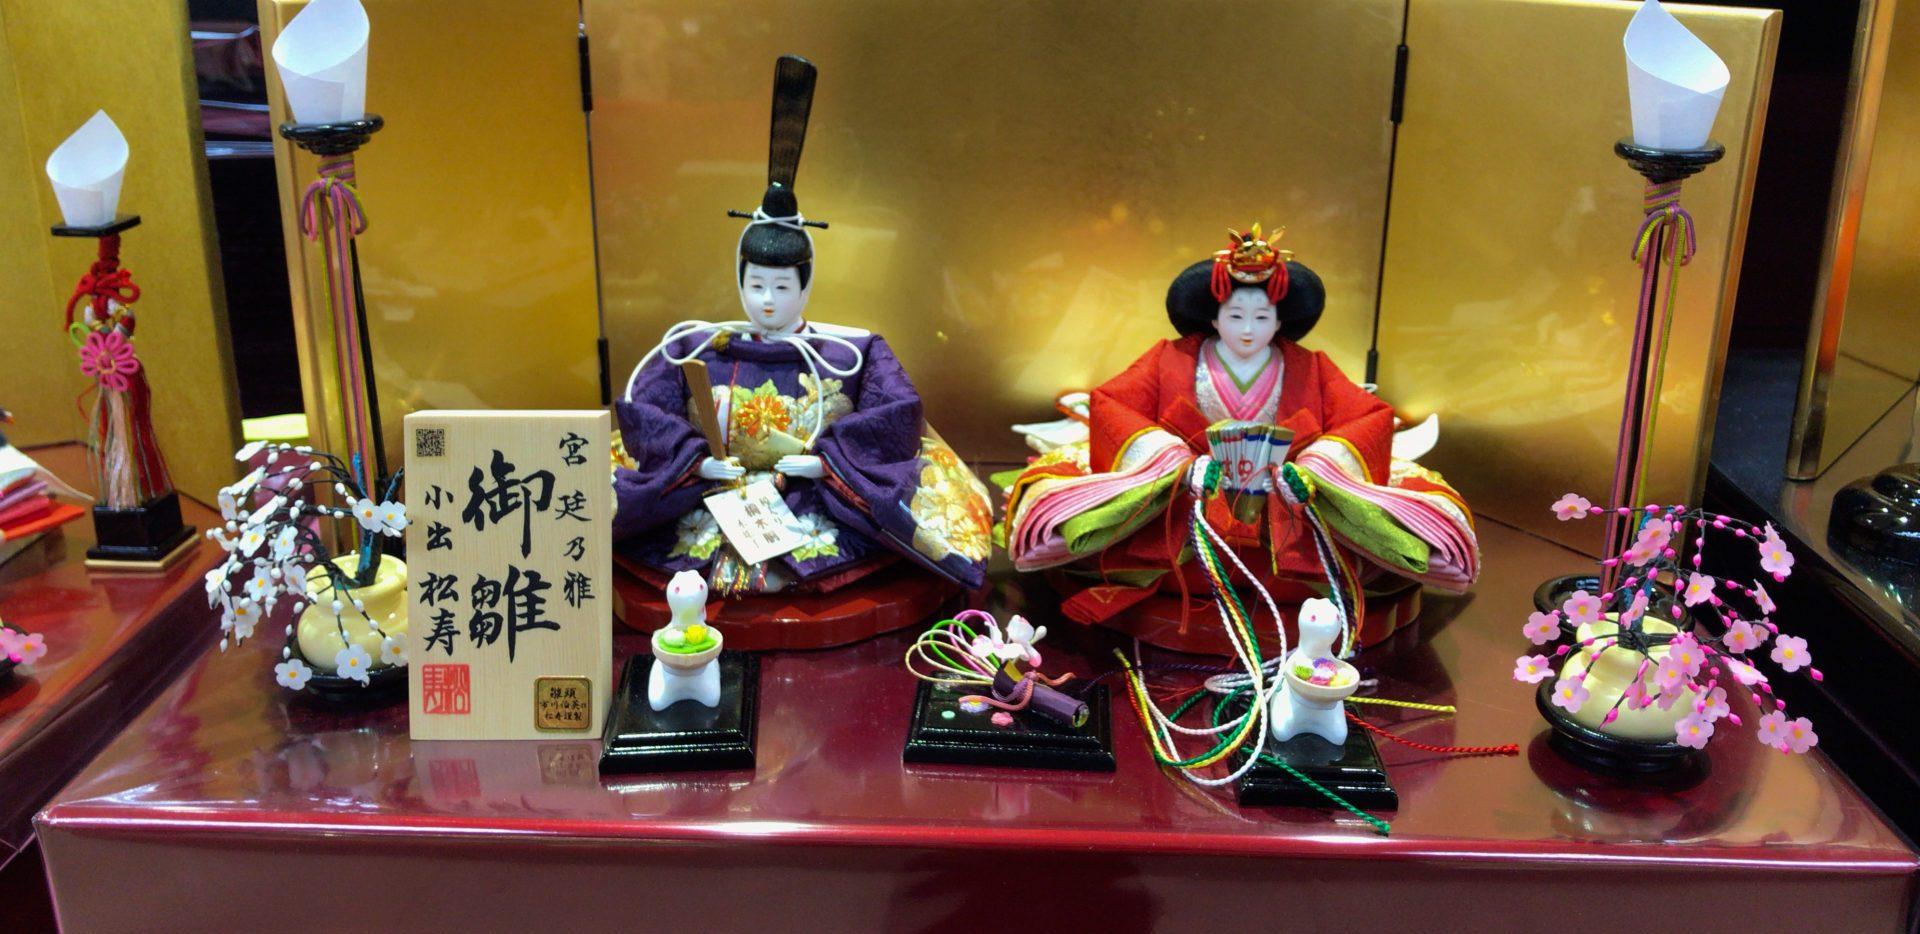 Hinamatsuri Mädchenfest in Japan